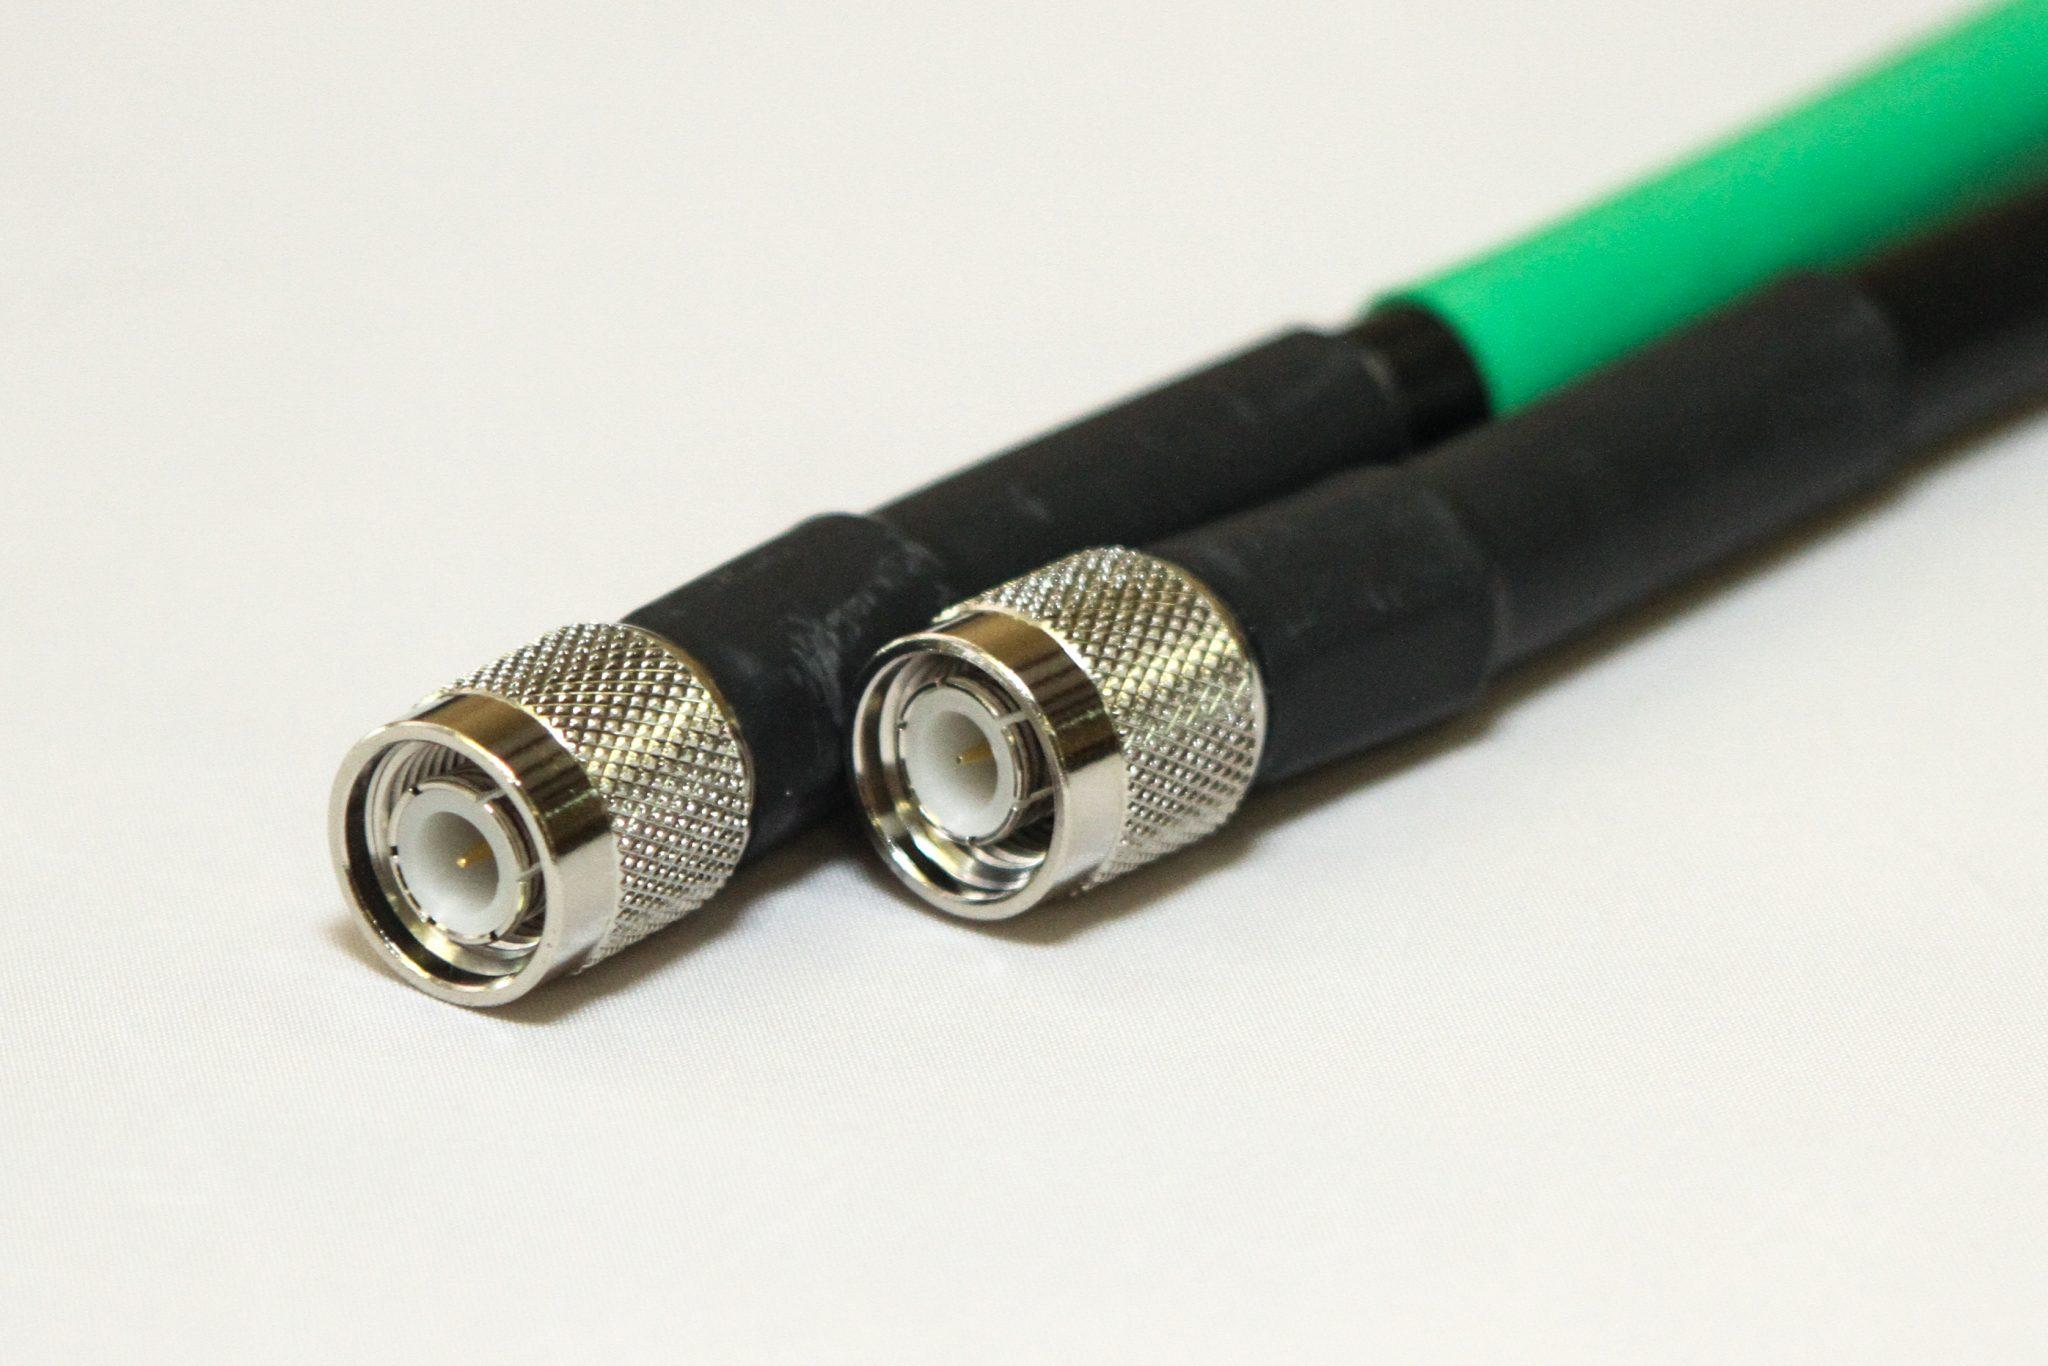 Cable Assemblies California : Lmr type assemblies w tnc connectors — abr industries